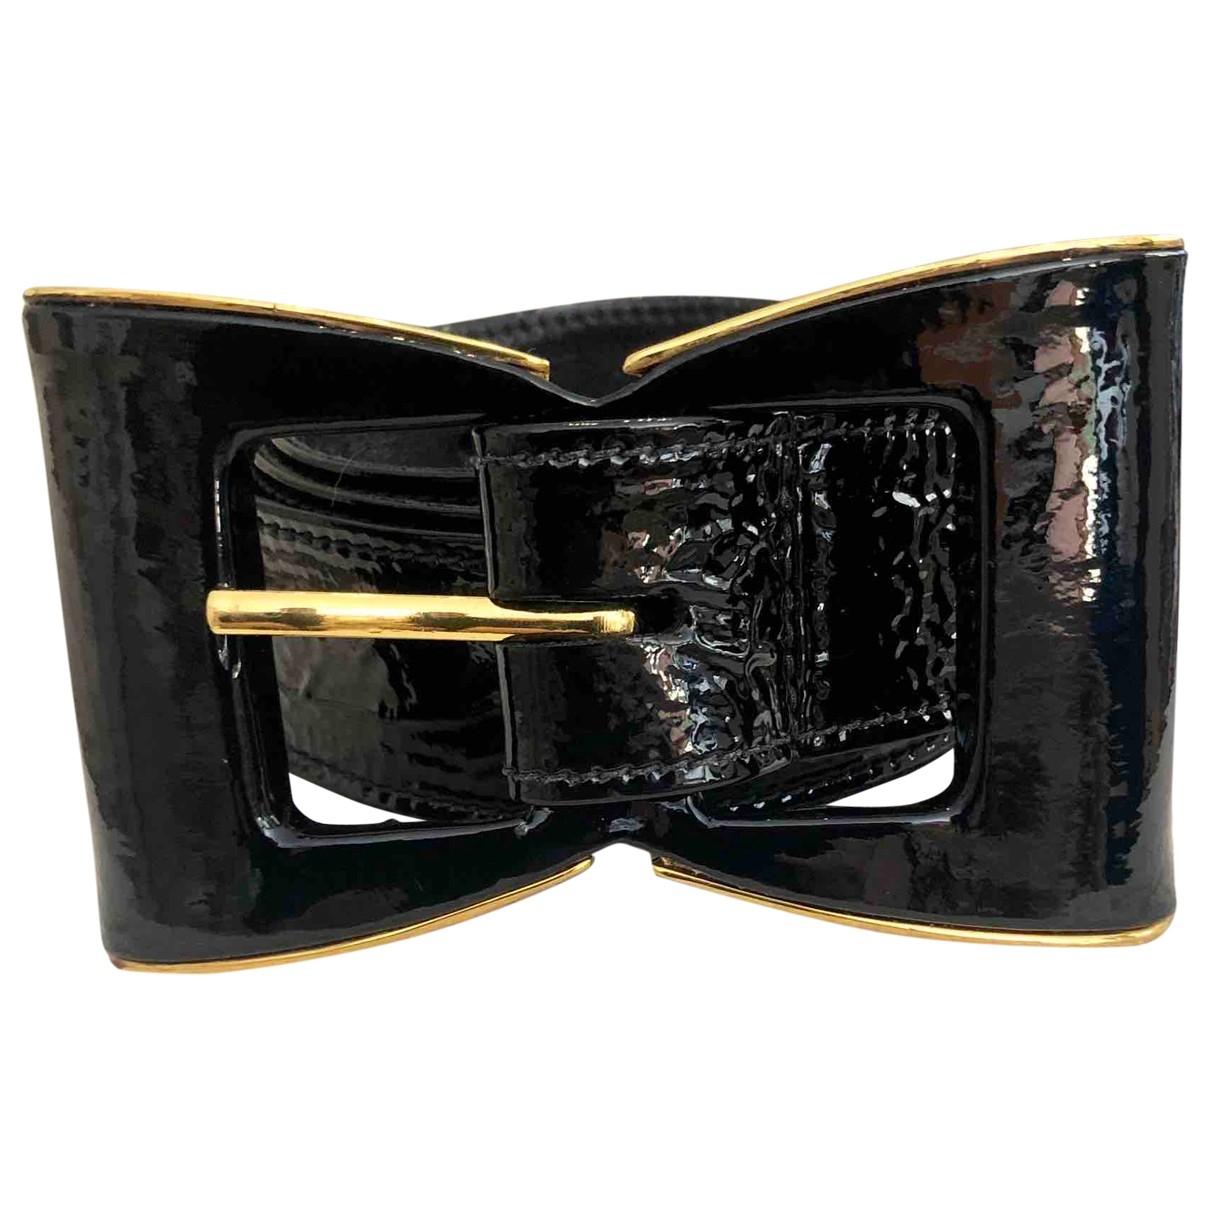 Cinturon de Charol Oscar De La Renta